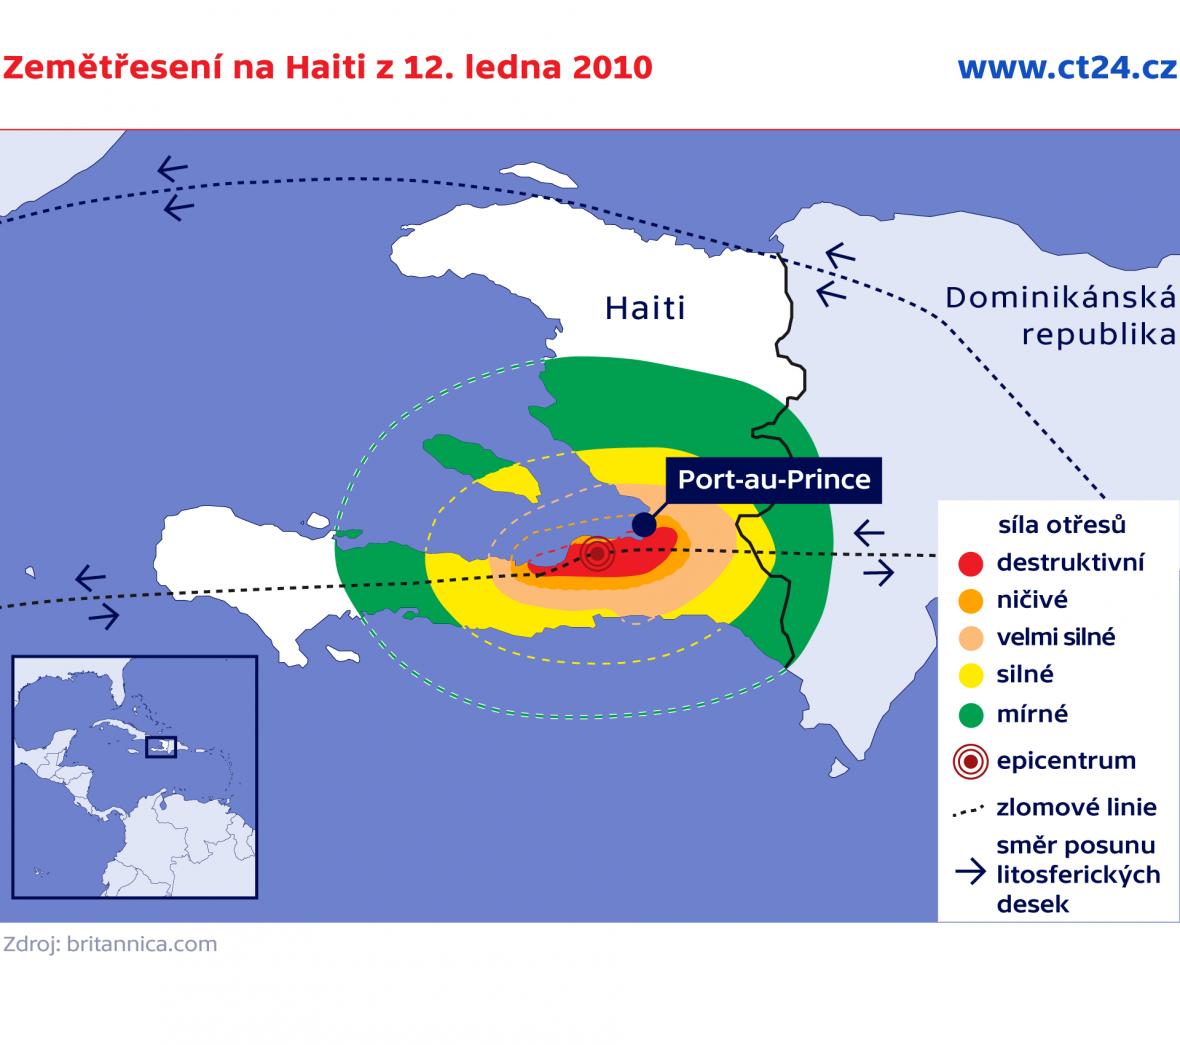 Zemětřesení na Haiti z 12. ledna 2010